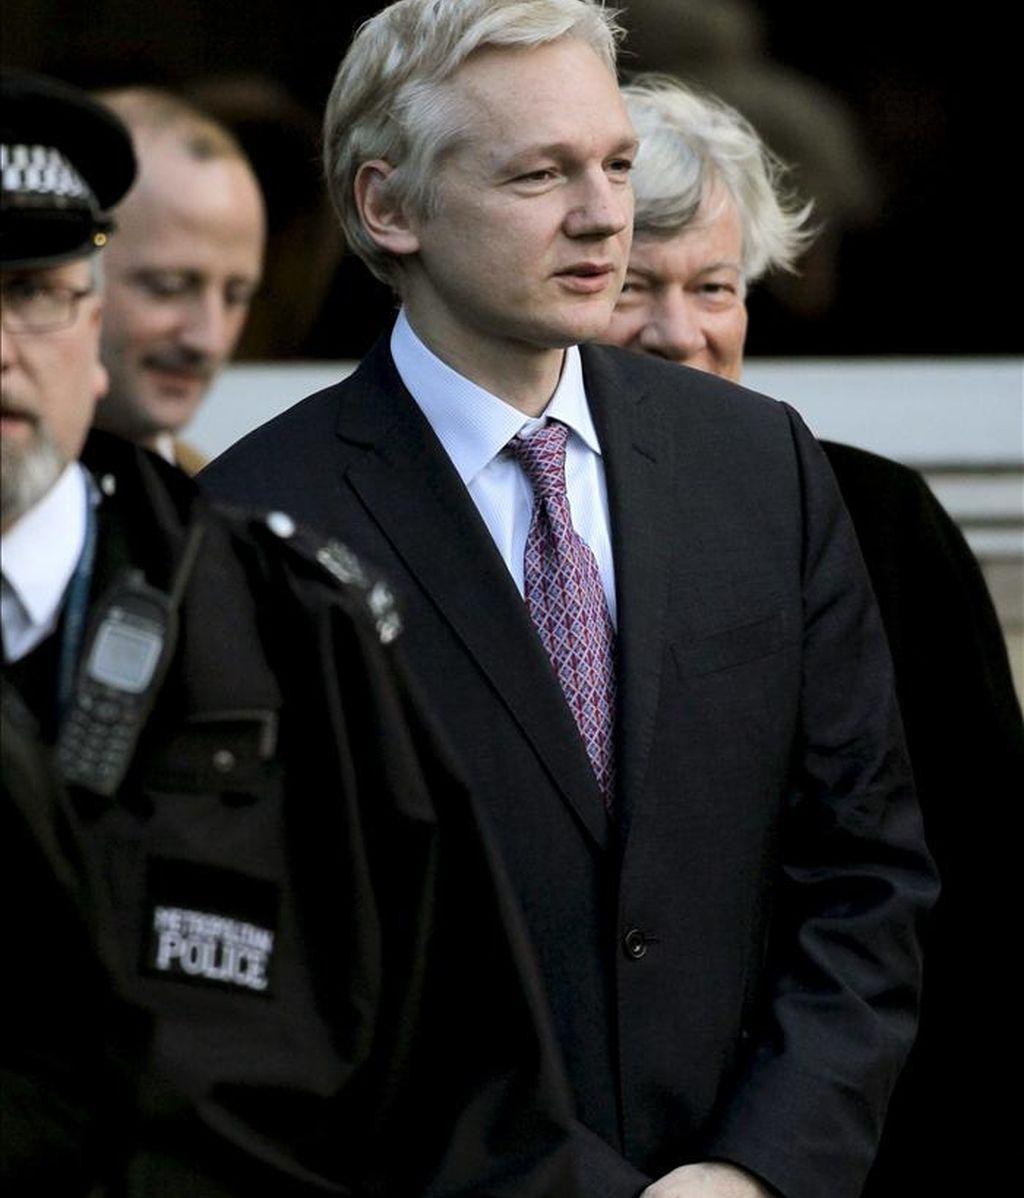 El fundador de WikiLeaks, Julian Assange (c), sale de la corte de magistrados Belmarsh, en Londres, Reino Unido. EFE